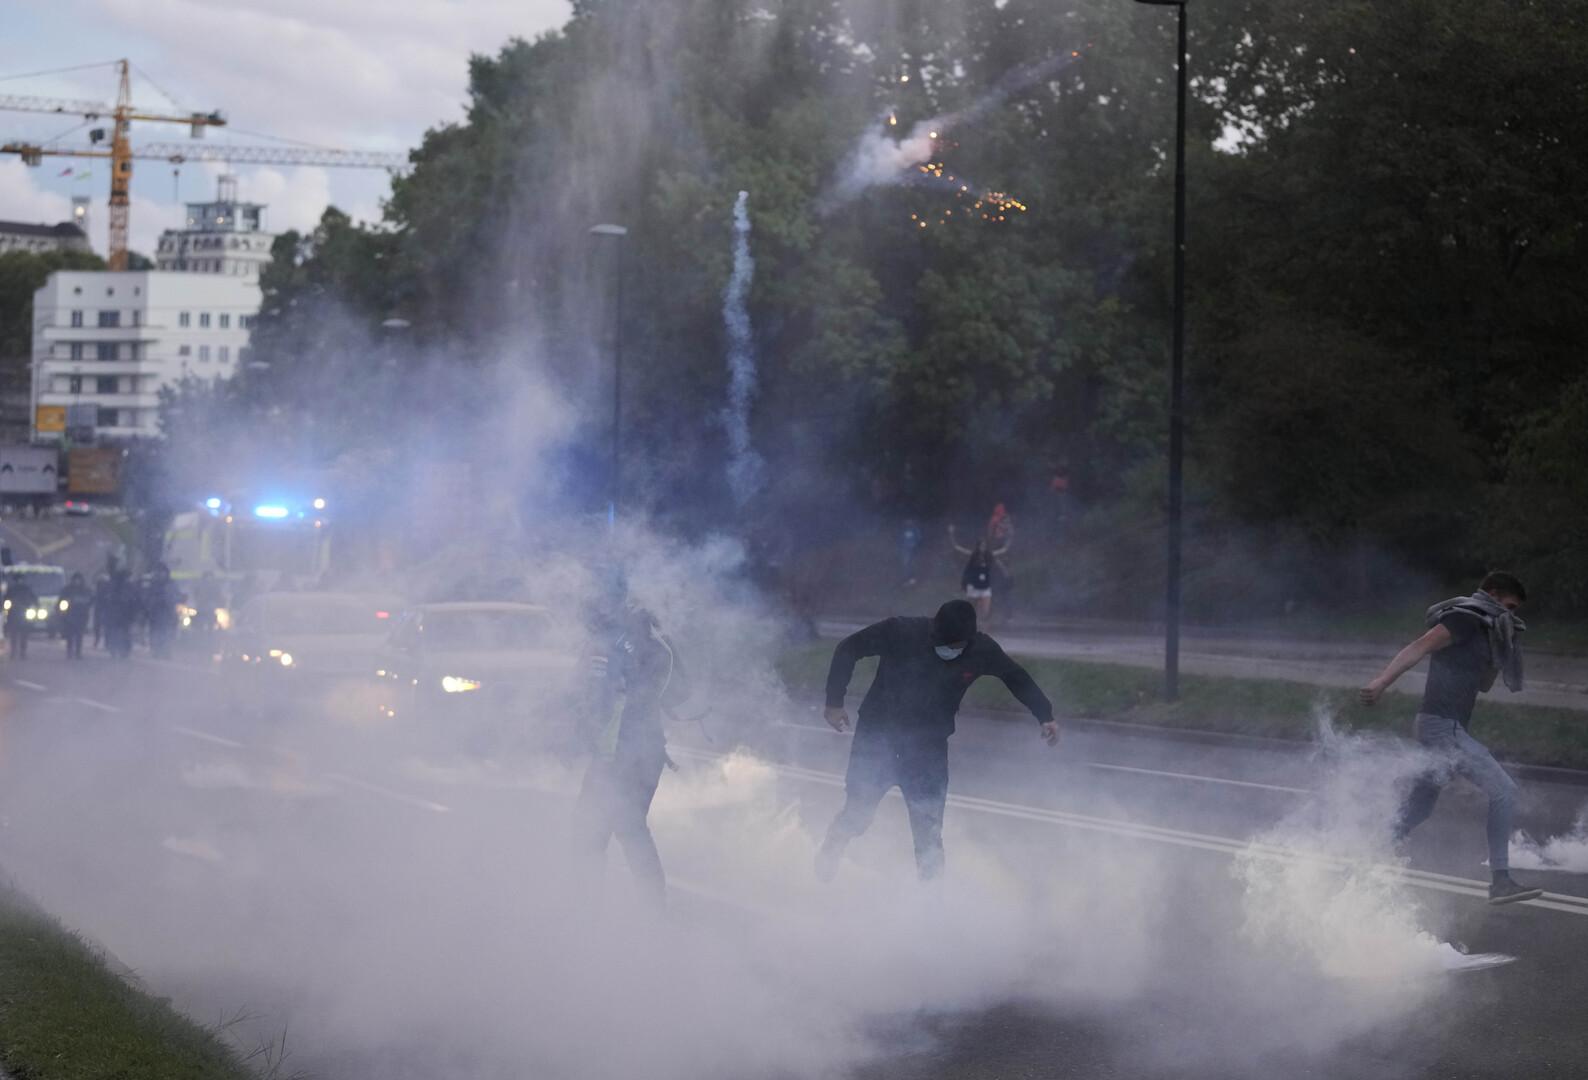 شرطة سلوفينيا تشتبك مع محتجين قبل قمة أوروبية مقررة غدا